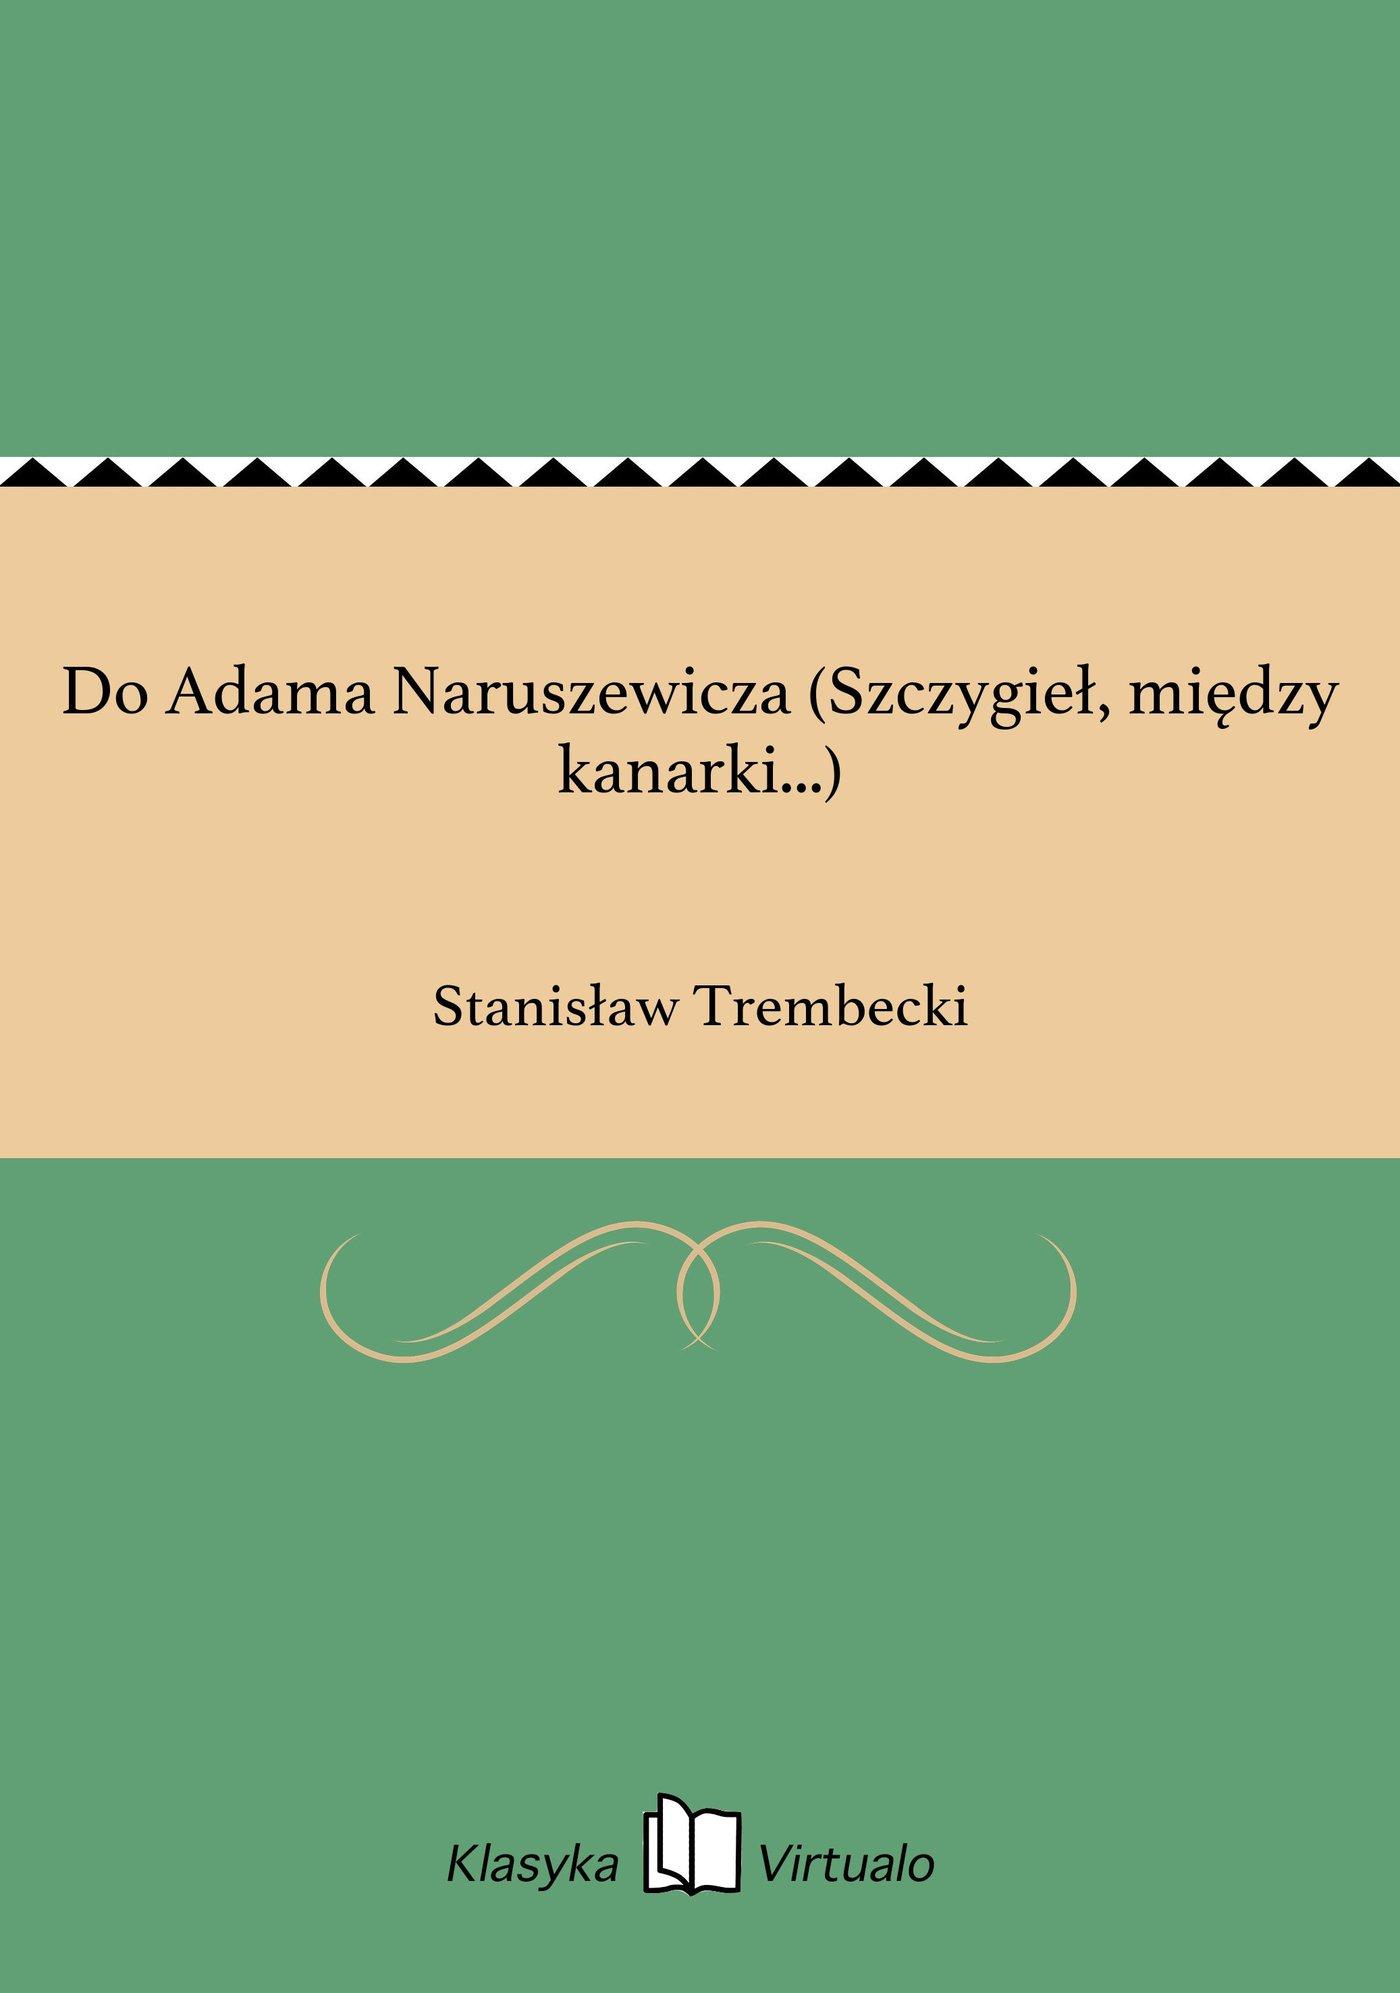 Do Adama Naruszewicza (Szczygieł, między kanarki...) - Ebook (Książka EPUB) do pobrania w formacie EPUB